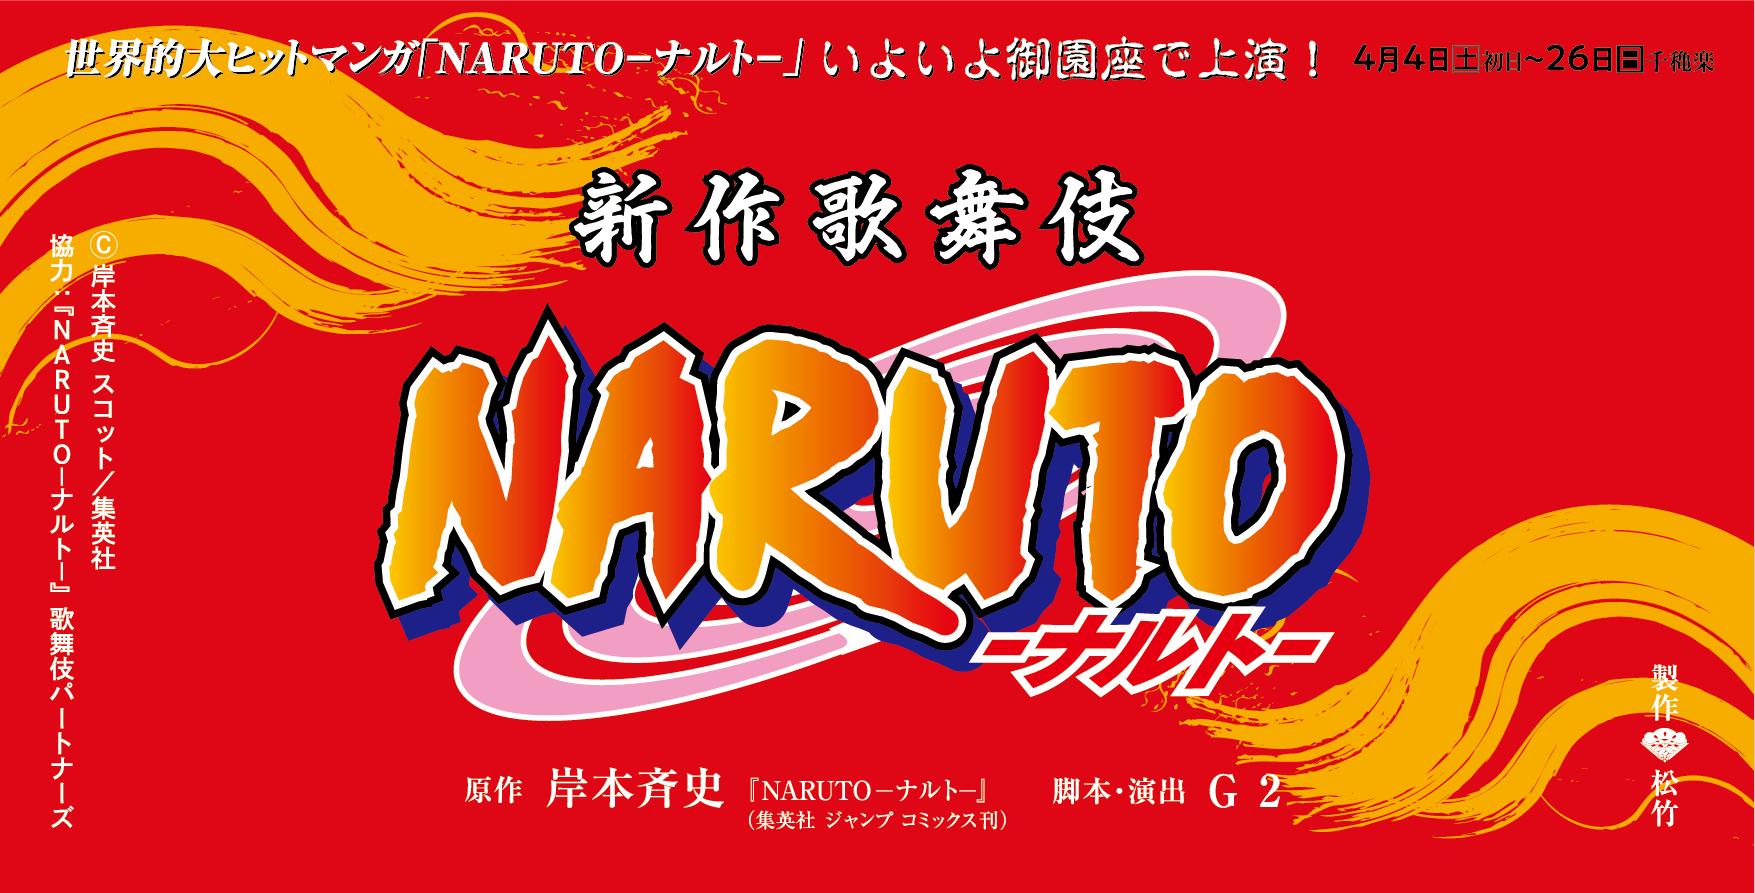 新作歌舞伎『NARUTO-ナルト-』